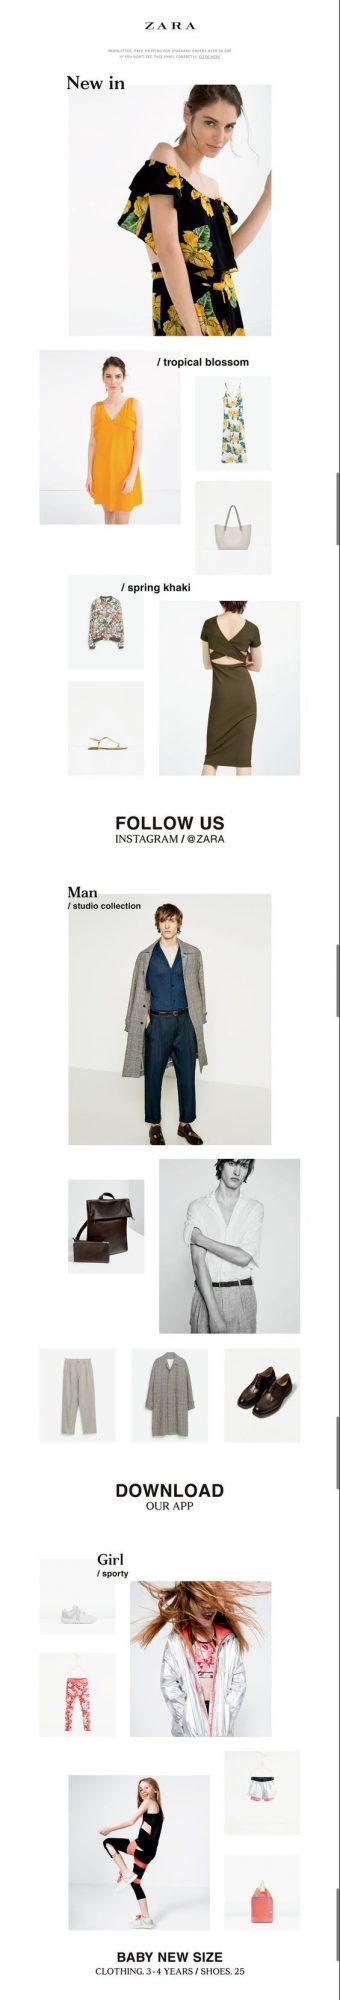 Zara ecommerce